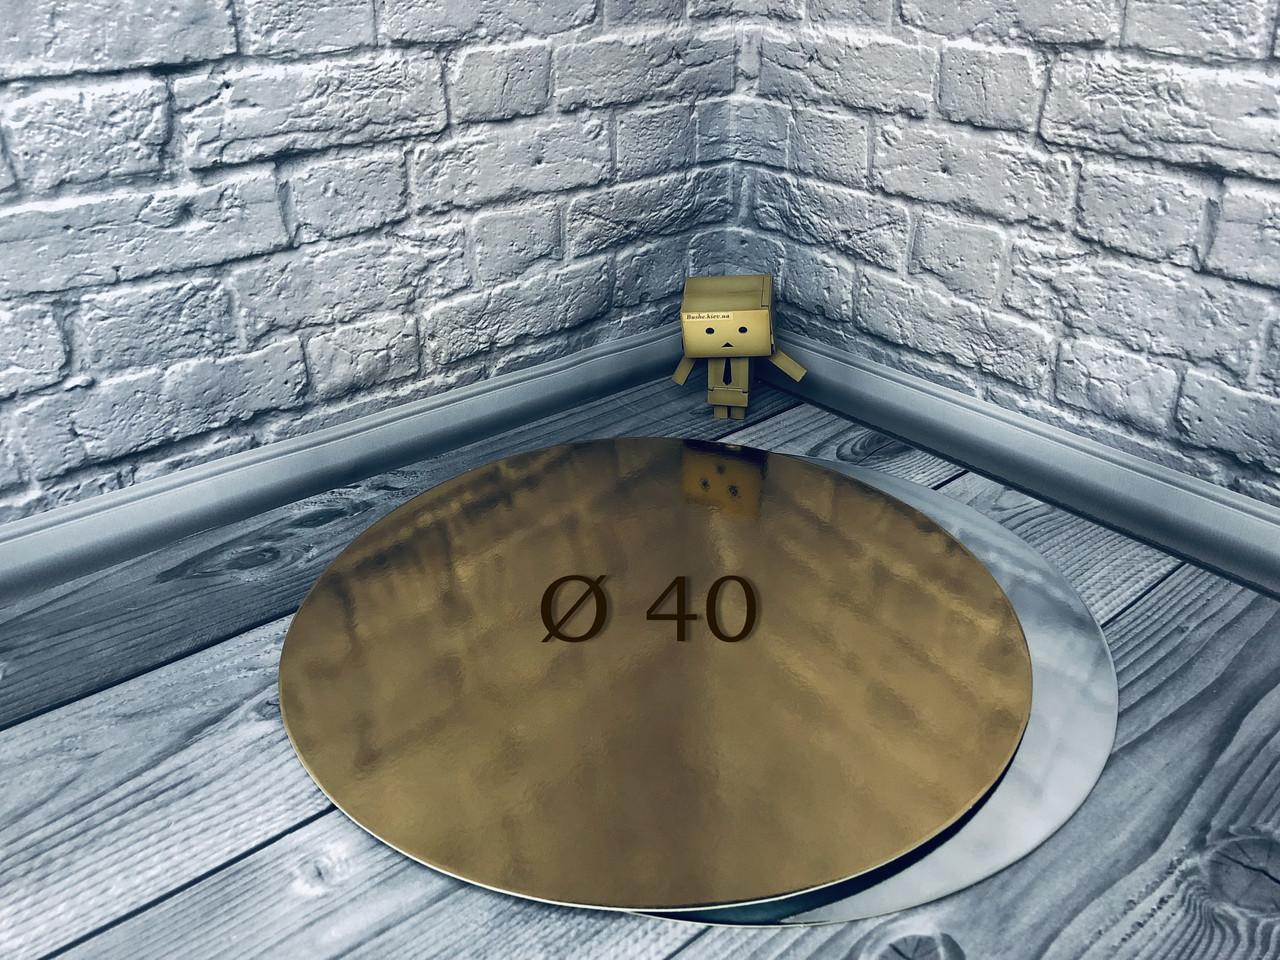 *10 шт* / Подложка для торта 40см, Золото-серебро, 400мм/мин. 10 шт.